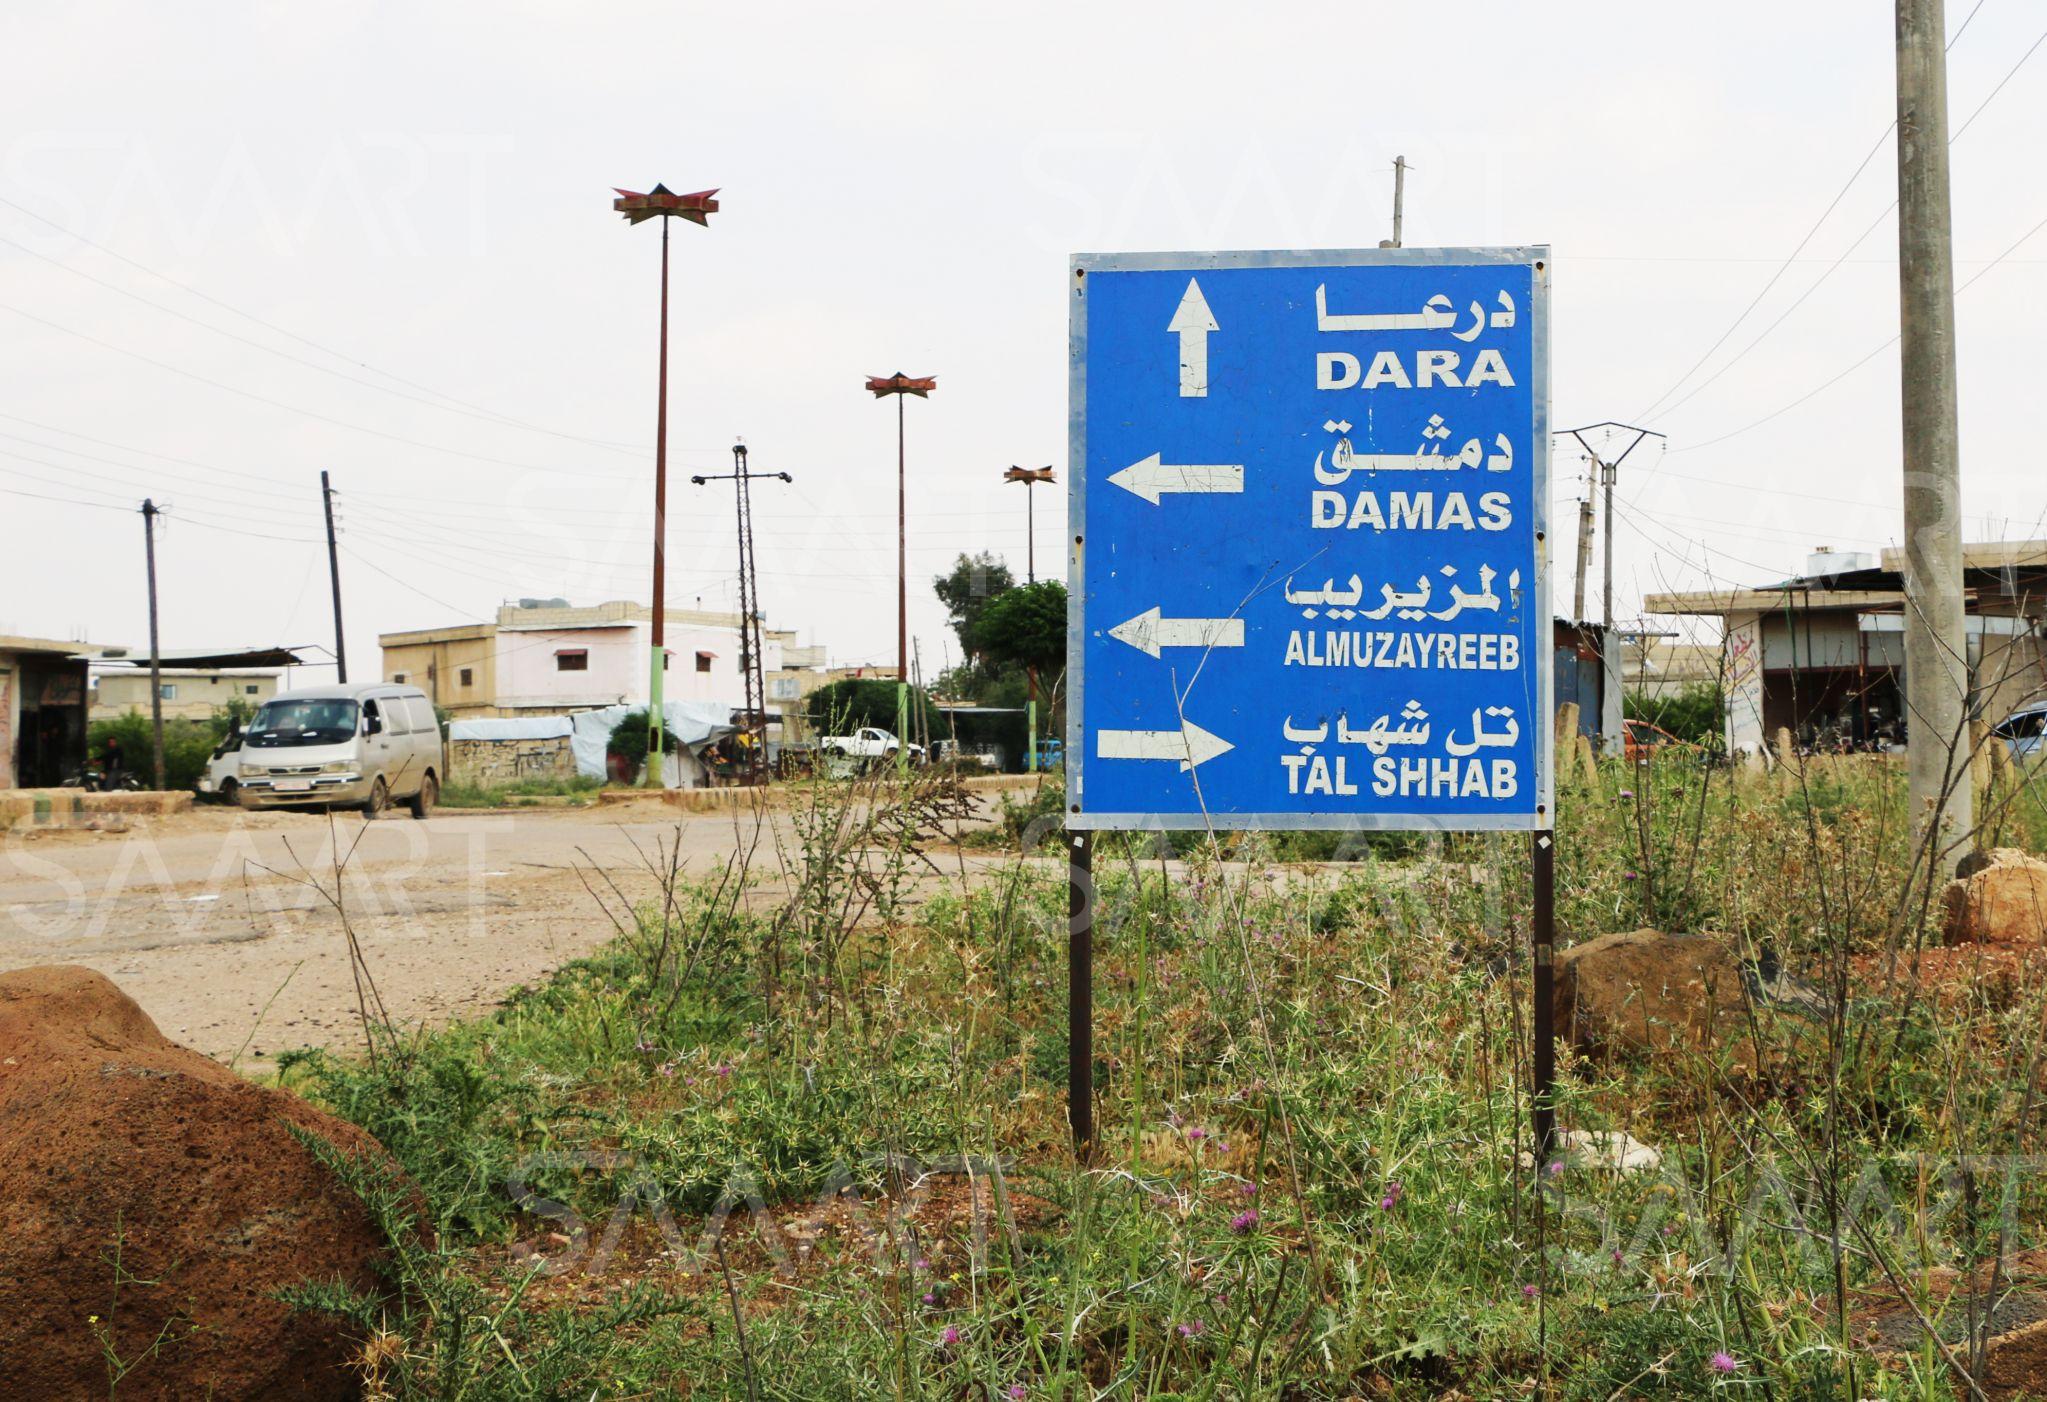 وقوع انفجار مهیب در شهر درعای سوریه